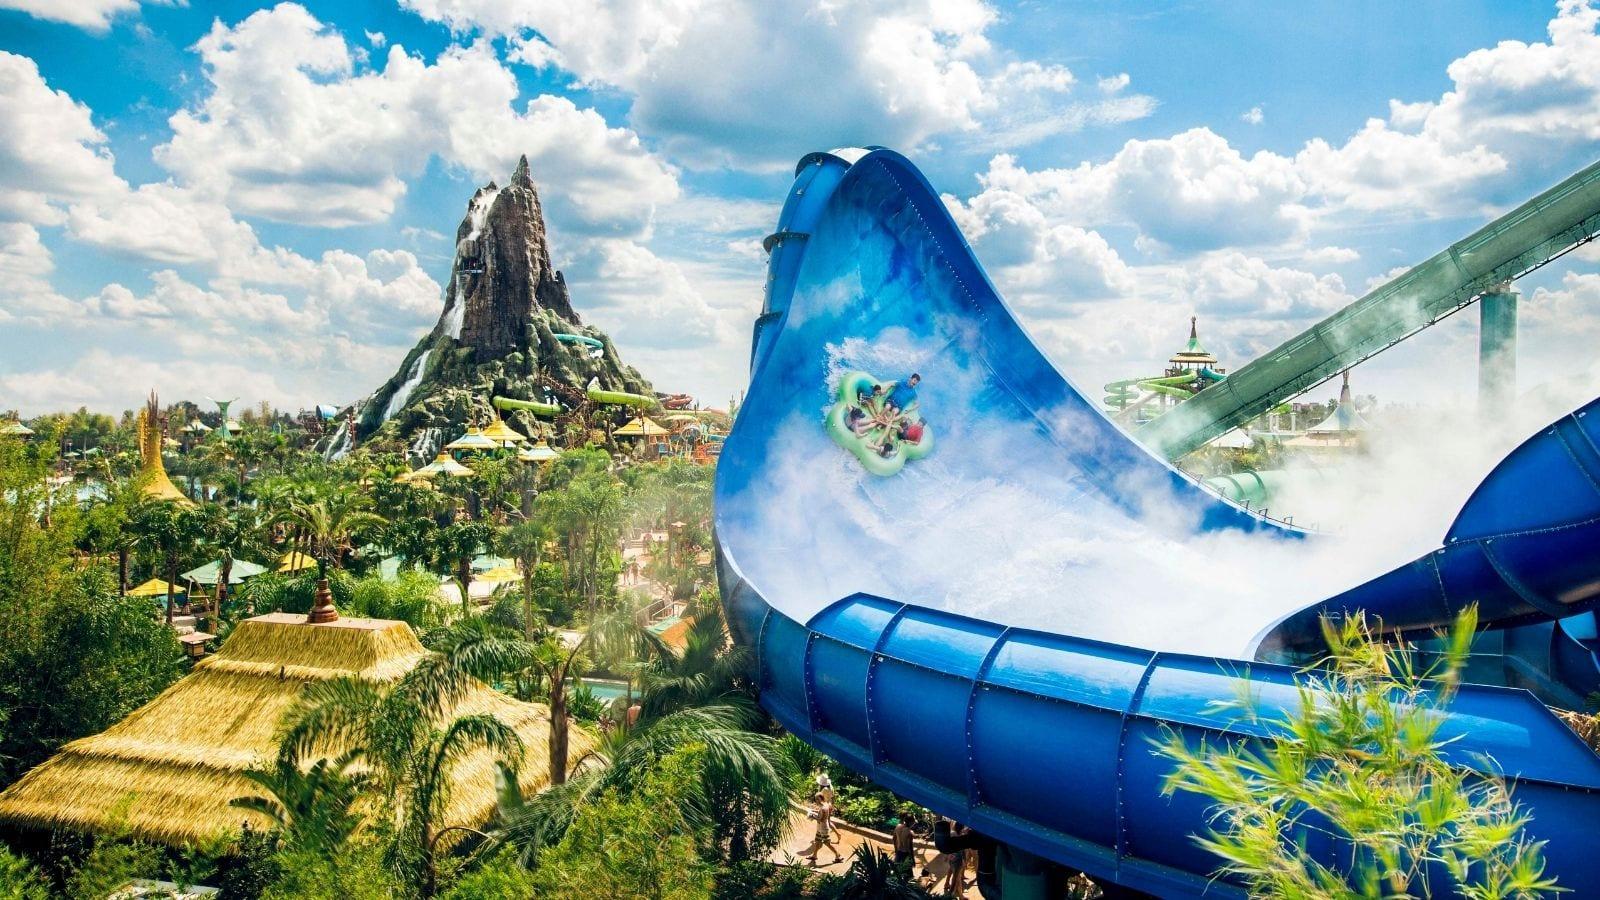 Universal's Volcano Bay water park (Photo: Universal Orlando Resort)